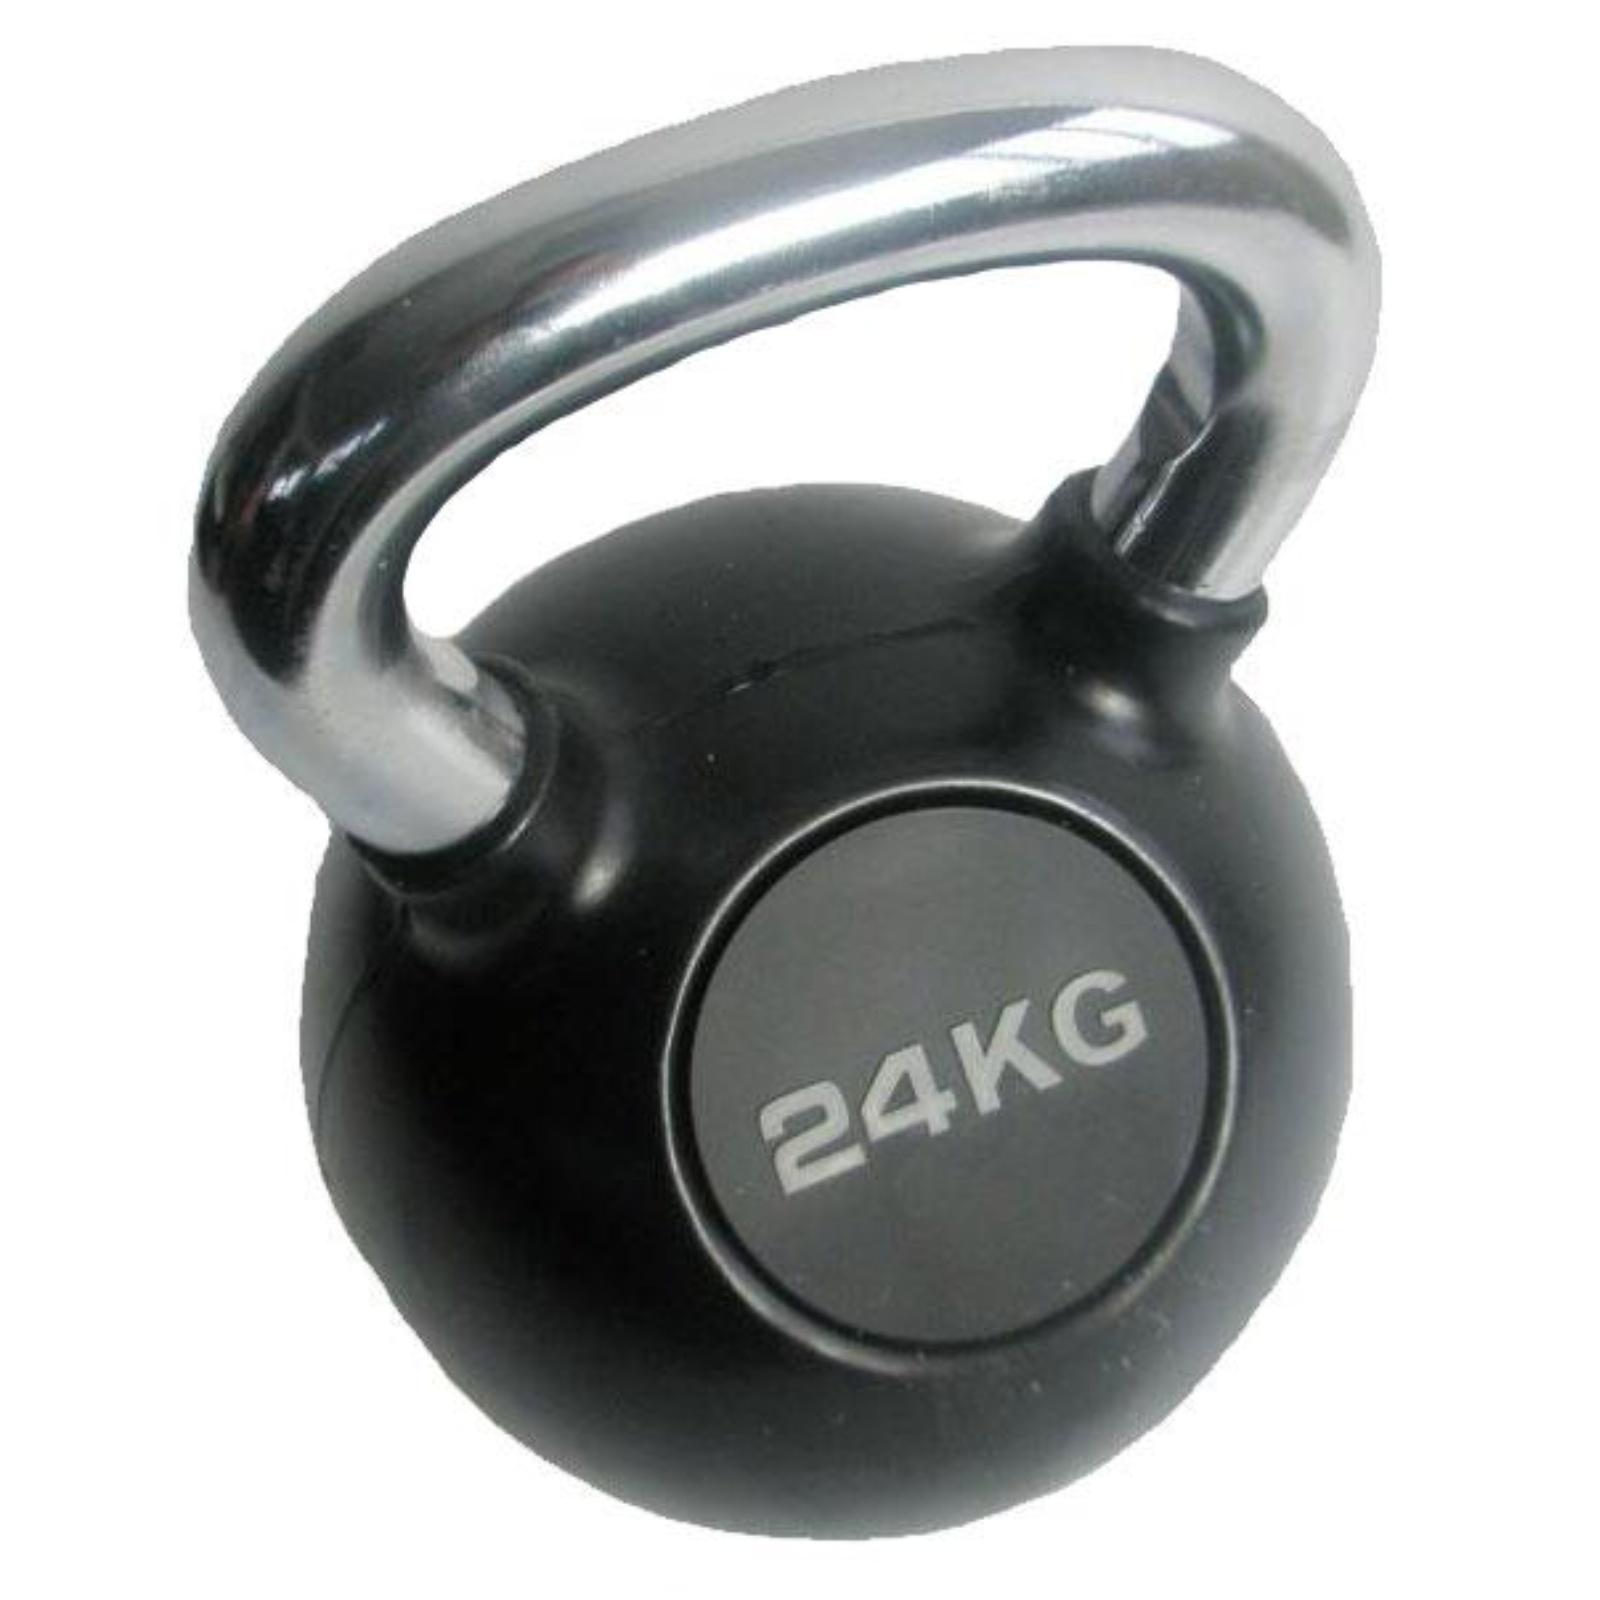 Činka super-bell SEDCO 24 kg